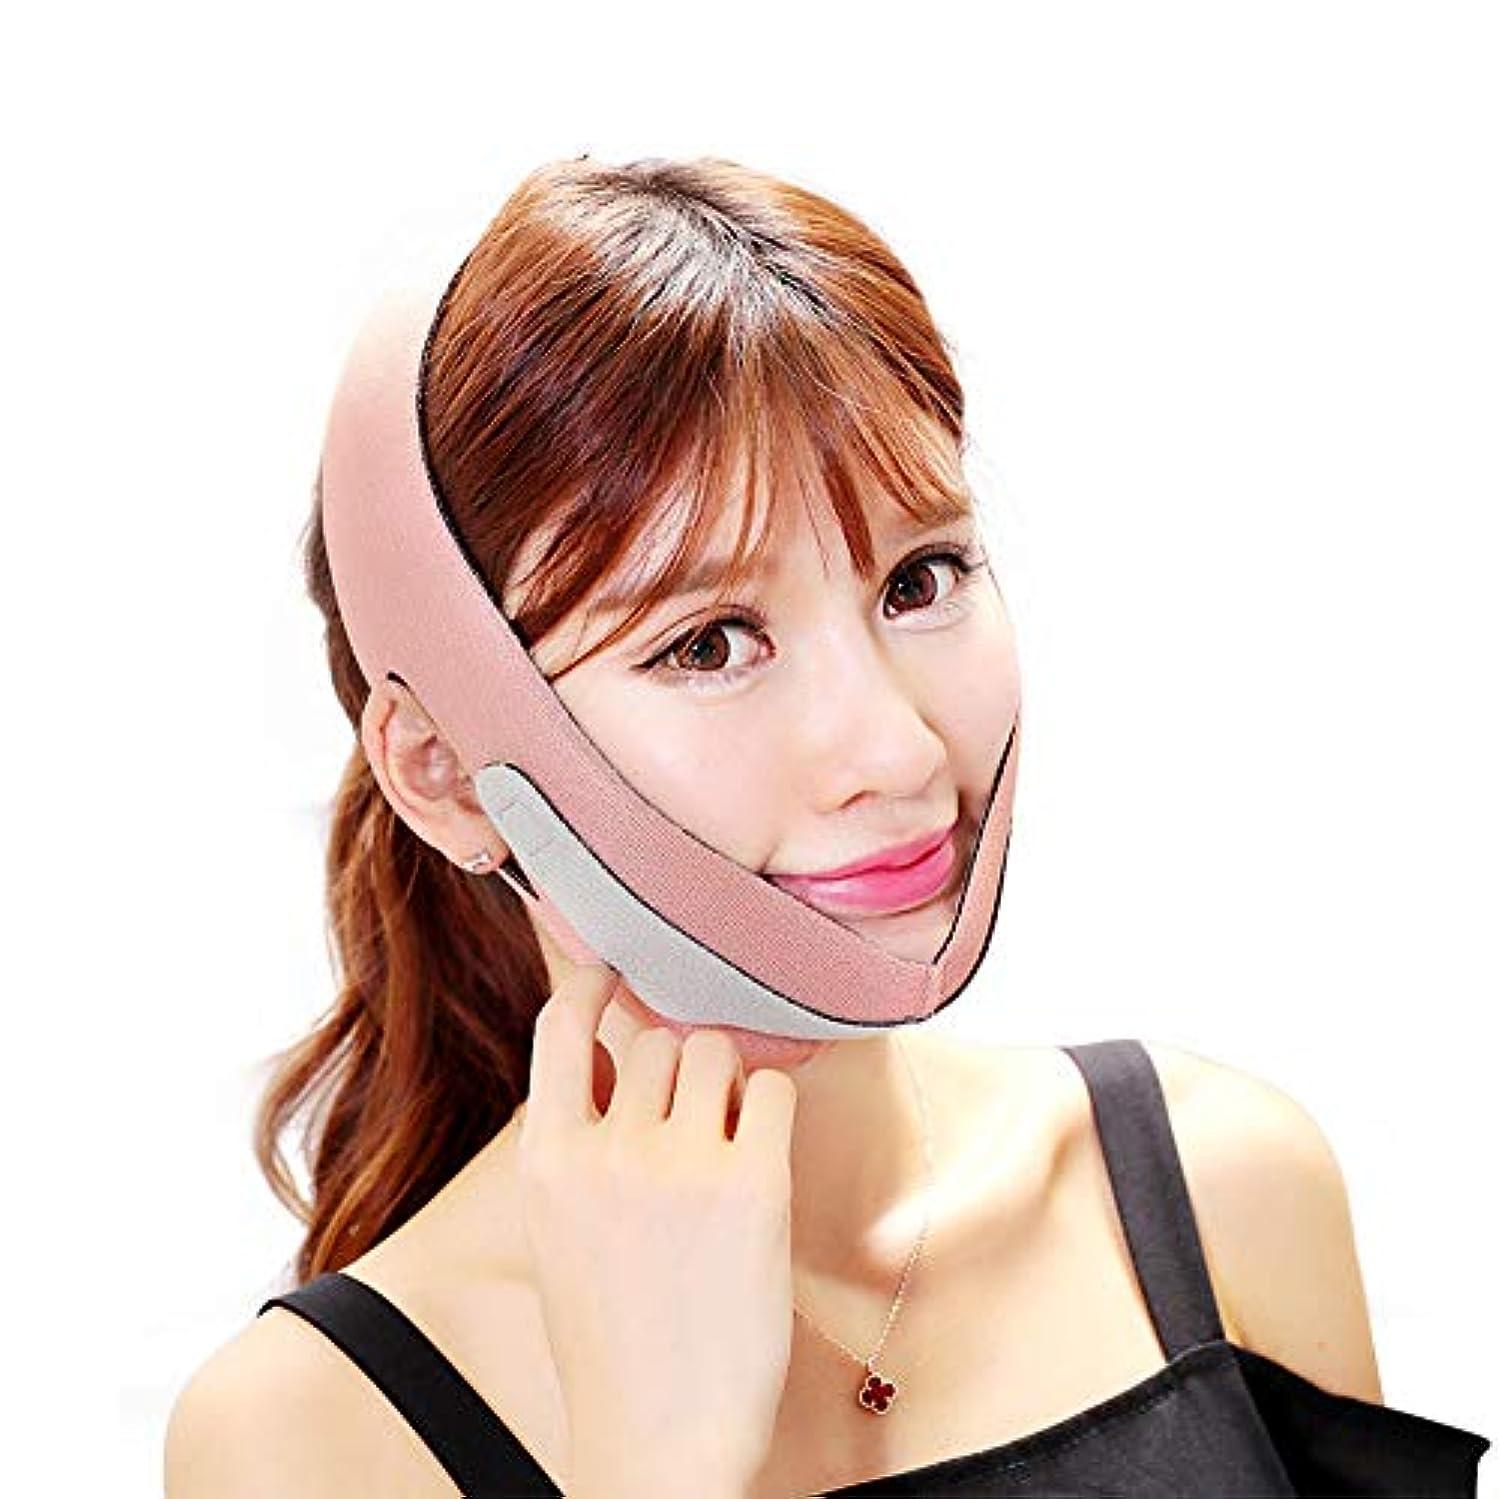 崖夢中征服する【Maveni】小顔 ベルト 美顔 顔痩せ 最新型 リフトアップベルト フェイスマスク メンズ レディース